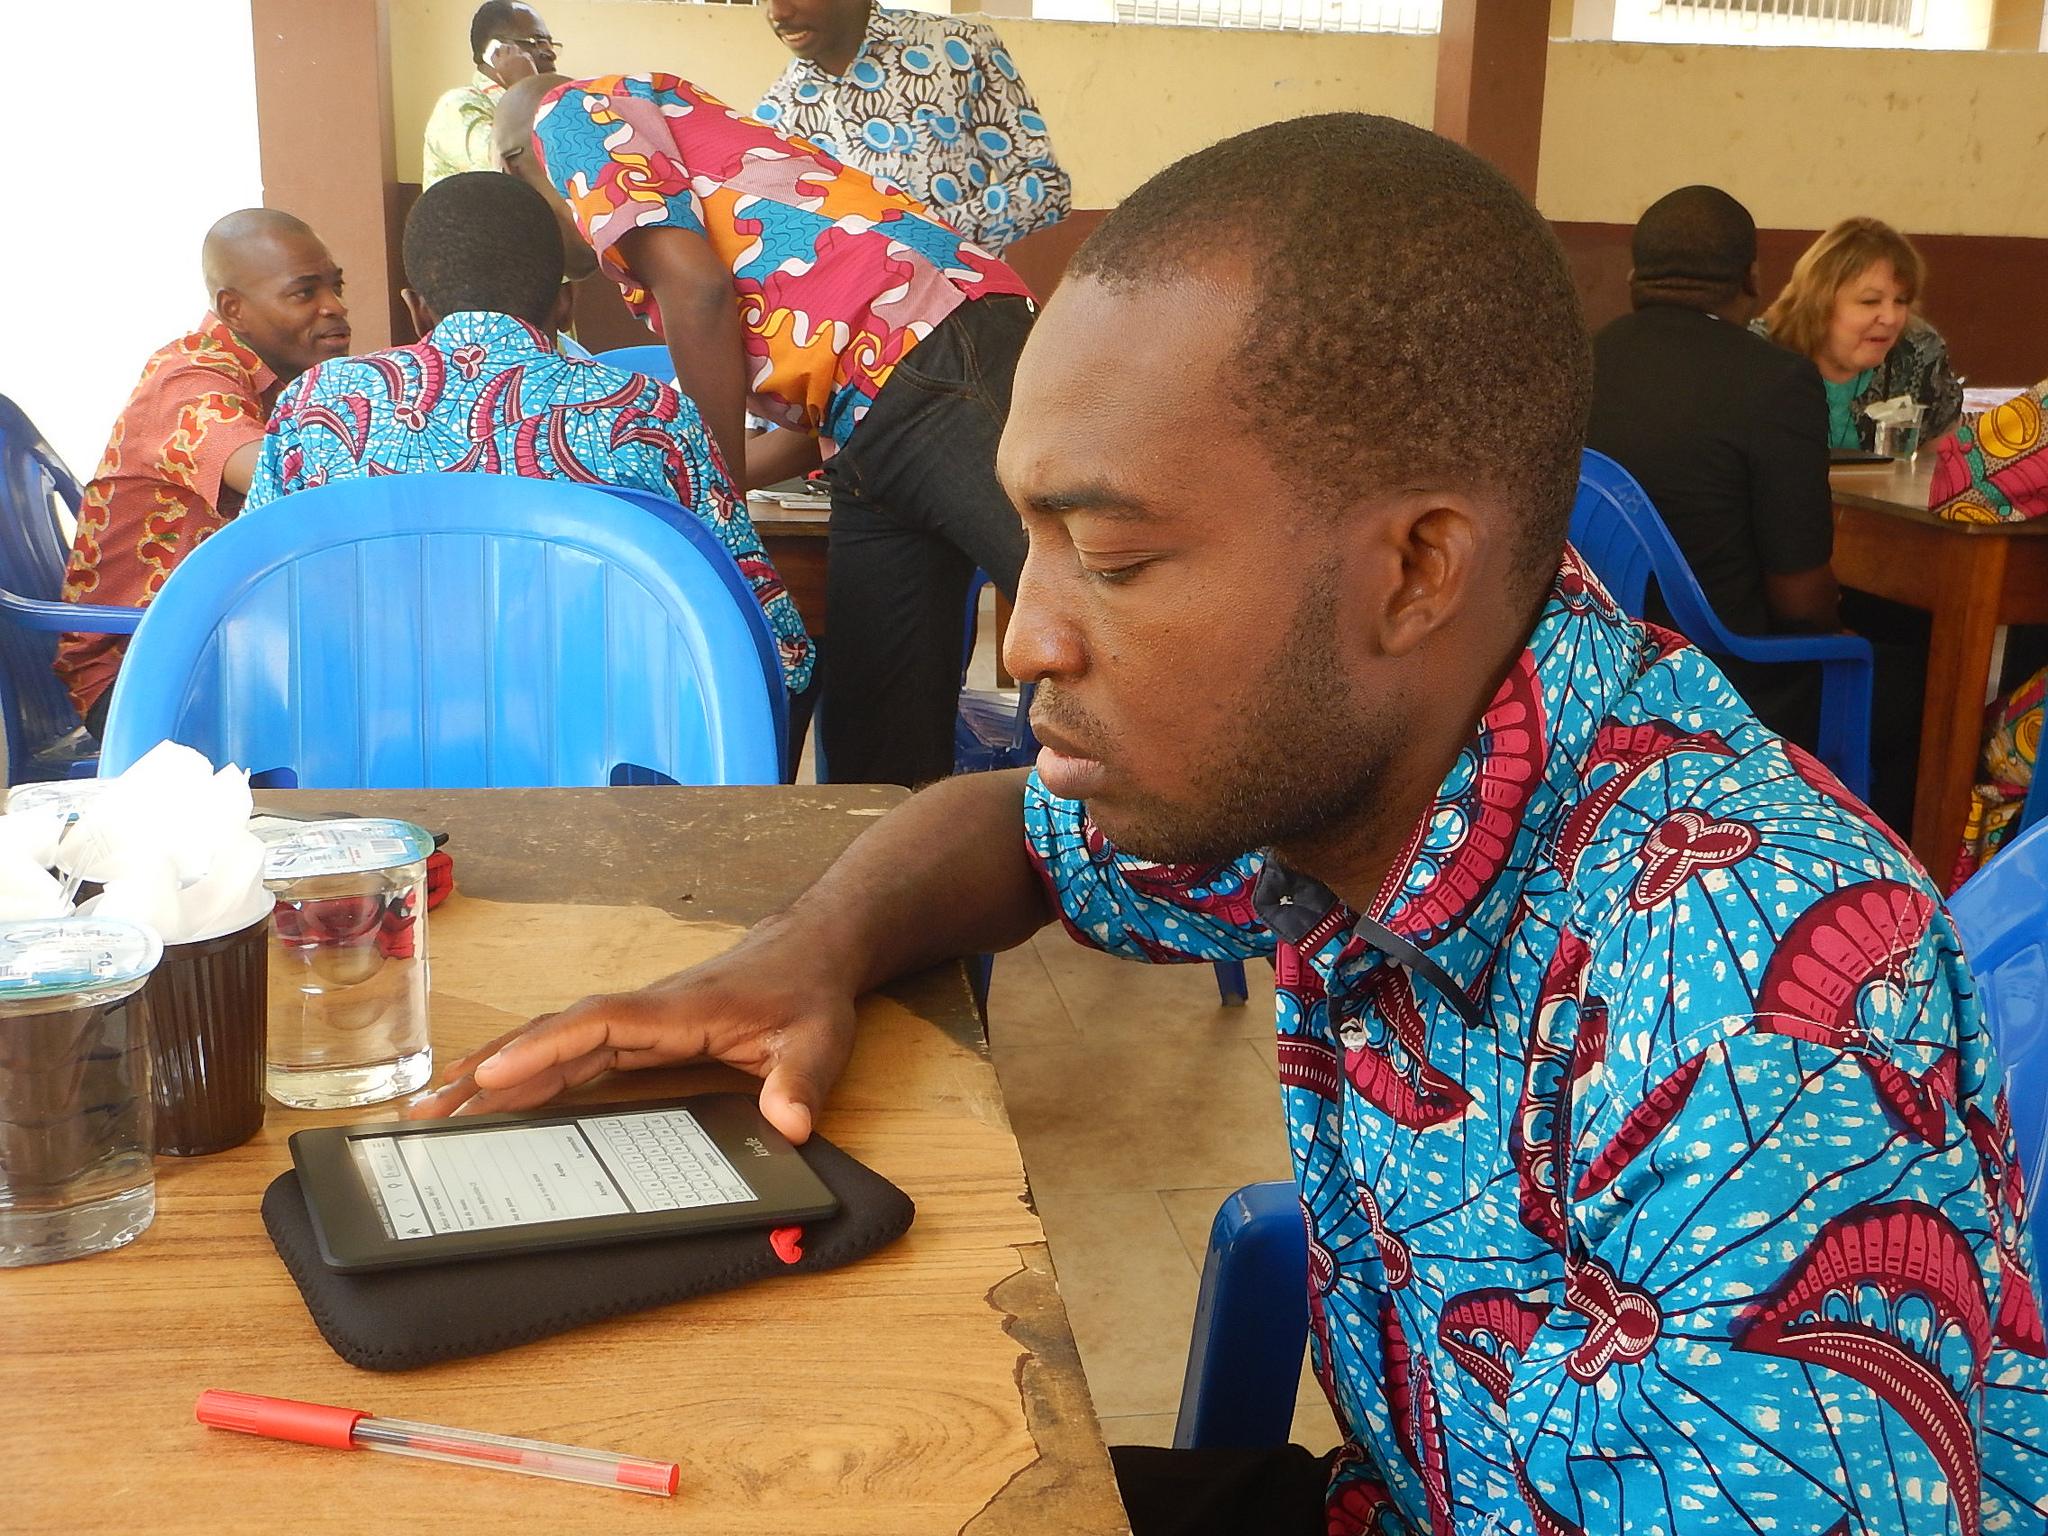 Dja Serge studies an e-reader during the Feb. 7 workshop held at Methodist University in Codody, Abidjan, Cote d'Ivoire.